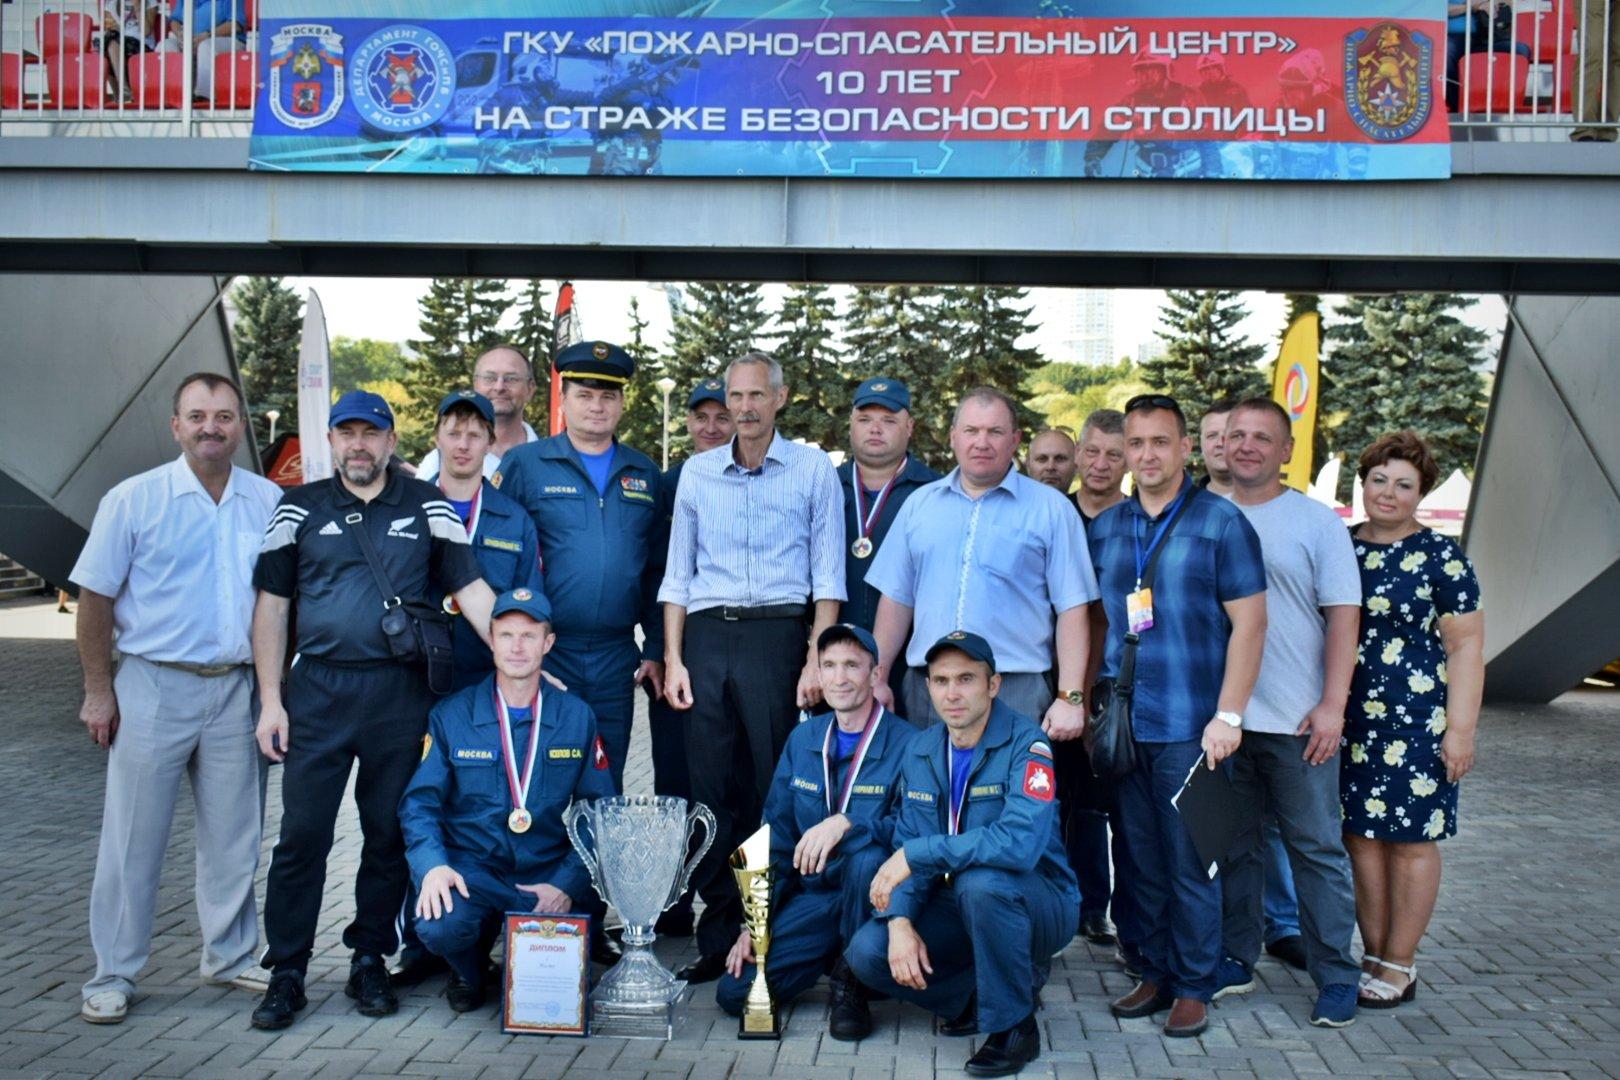 Чемпионат по боевому развертыванию: команда Пожарно-спасательного центра лучшая в Москве